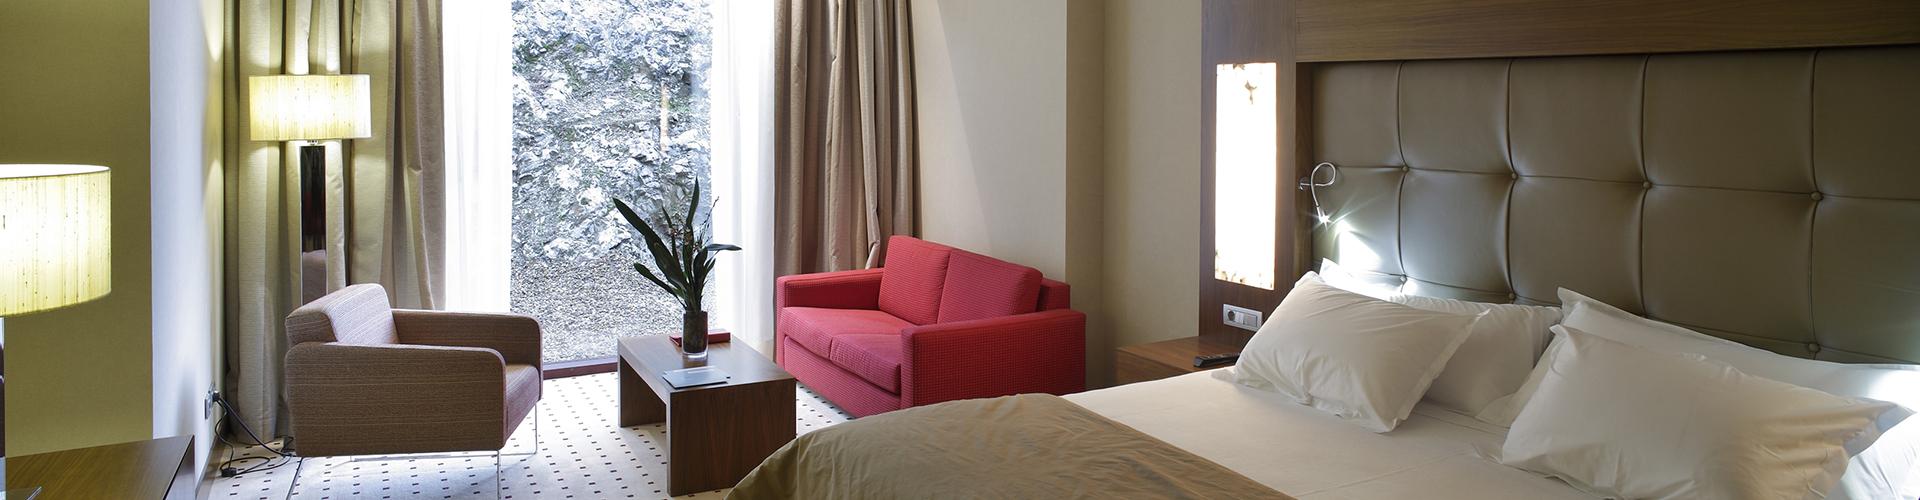 VILLA TERMAL DE LAS CALDAS. Habitación Hotel Enclave.